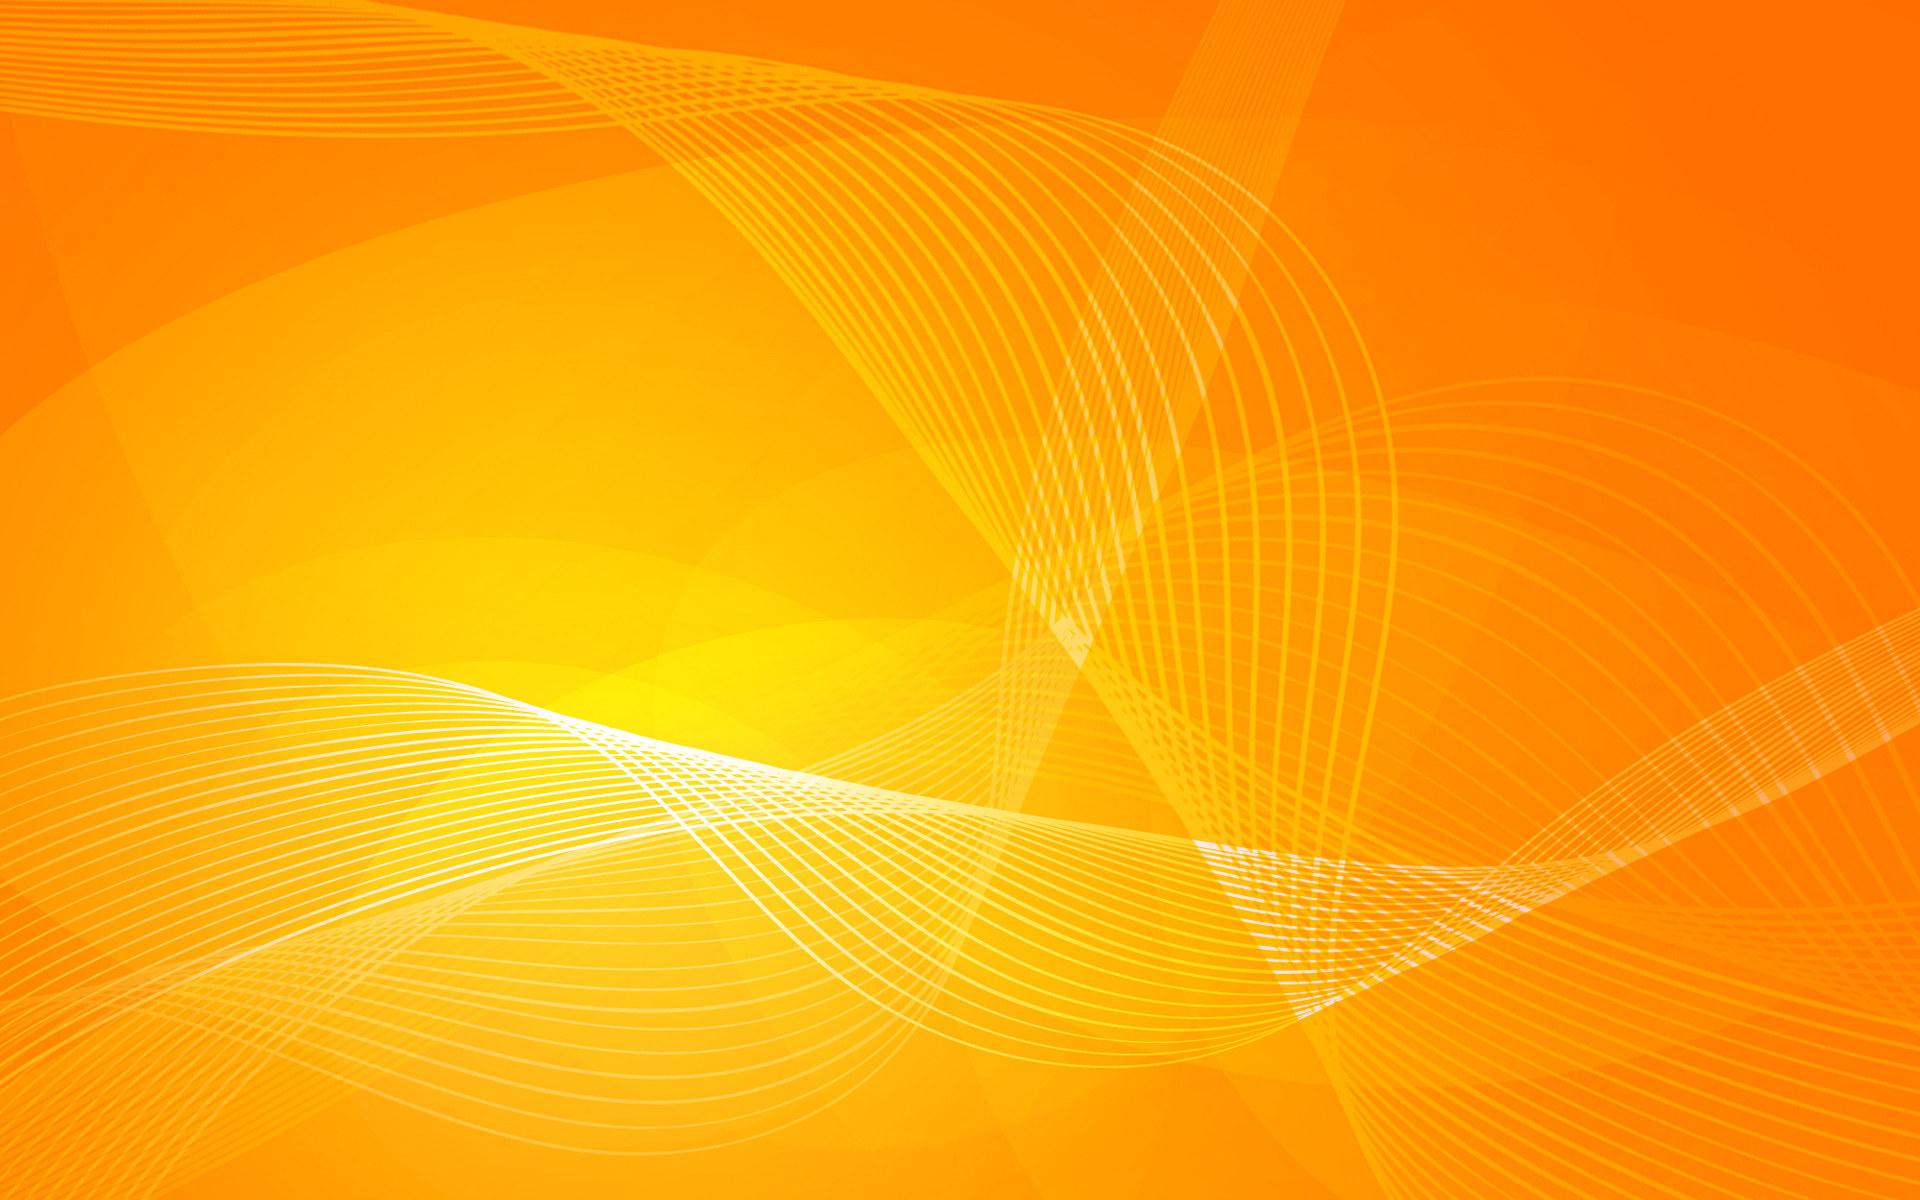 Curvy lines wallpaper   223726 1920x1200